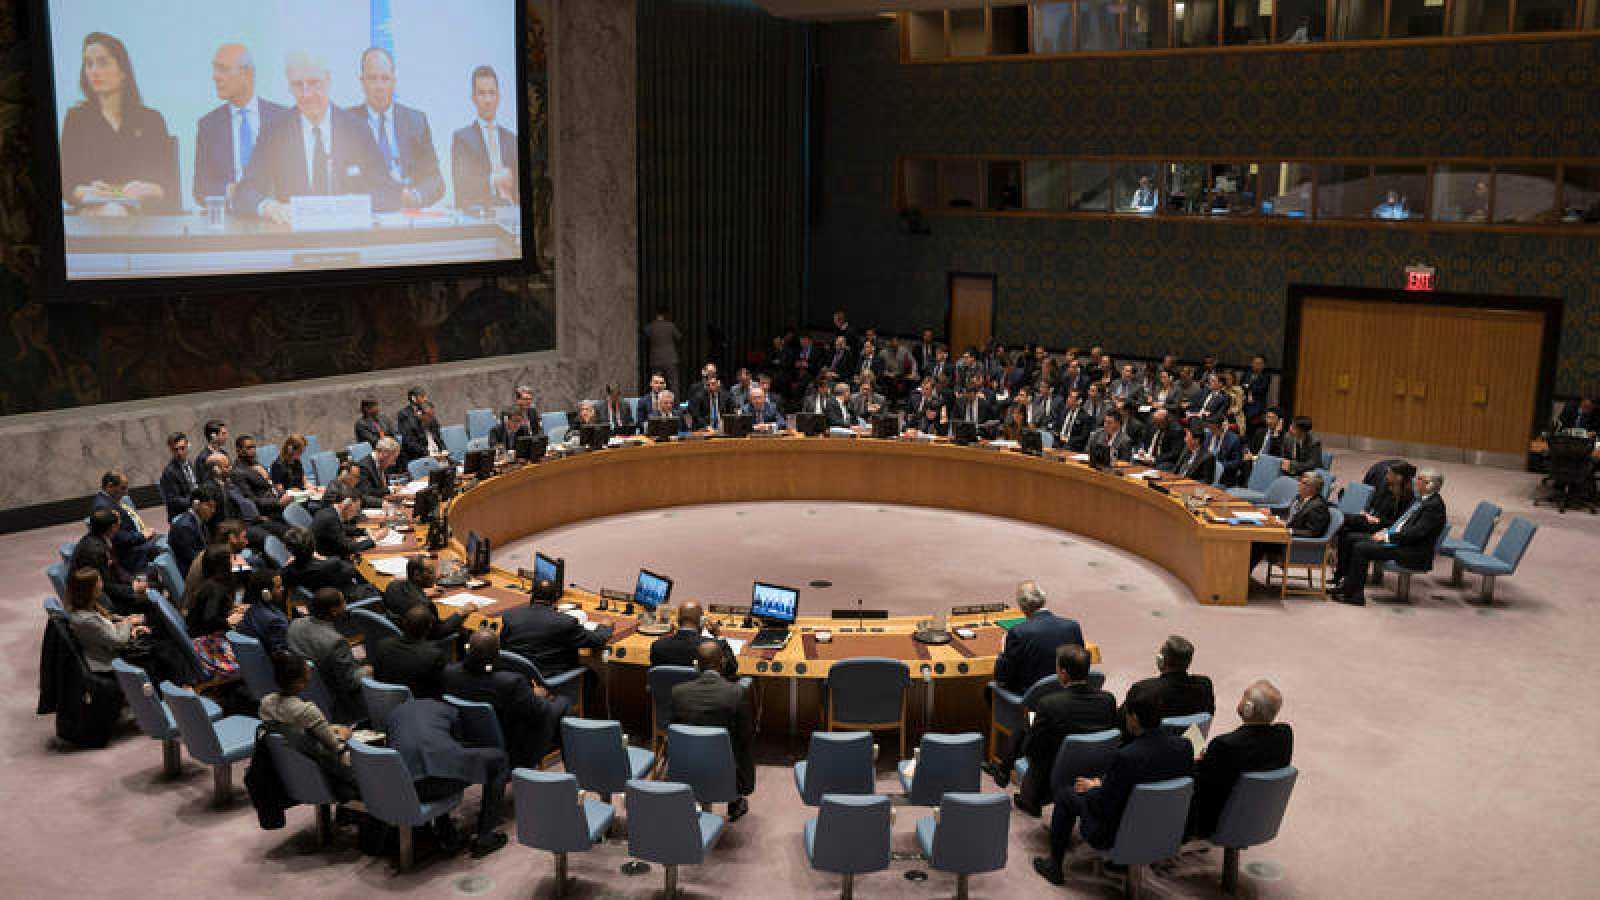 El Consejo de Seguridad de la ONU reunido en Nueva York para debatir sobre Siria